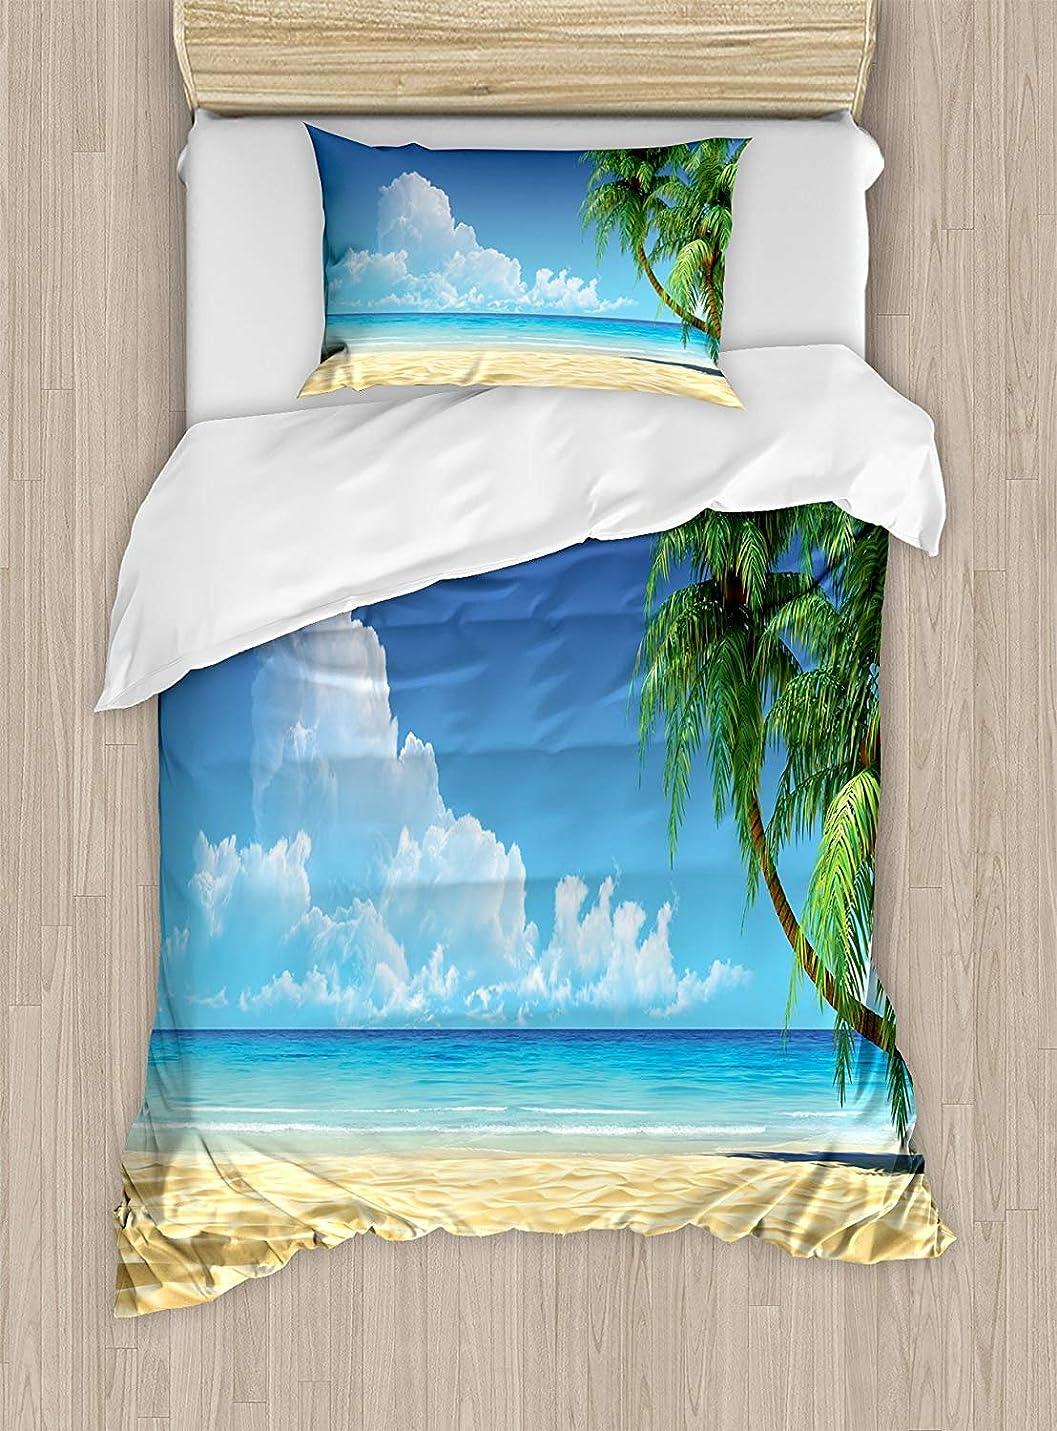 露出度の高いトラクター部族オーシャン布団カバーセットツインサイズ、ヤシの木の葉、熱帯砂浜海の風景グラフィックプリント、装飾的な2ピース寝具セット、1枕シャム、クリーム、ネイビーグリーン